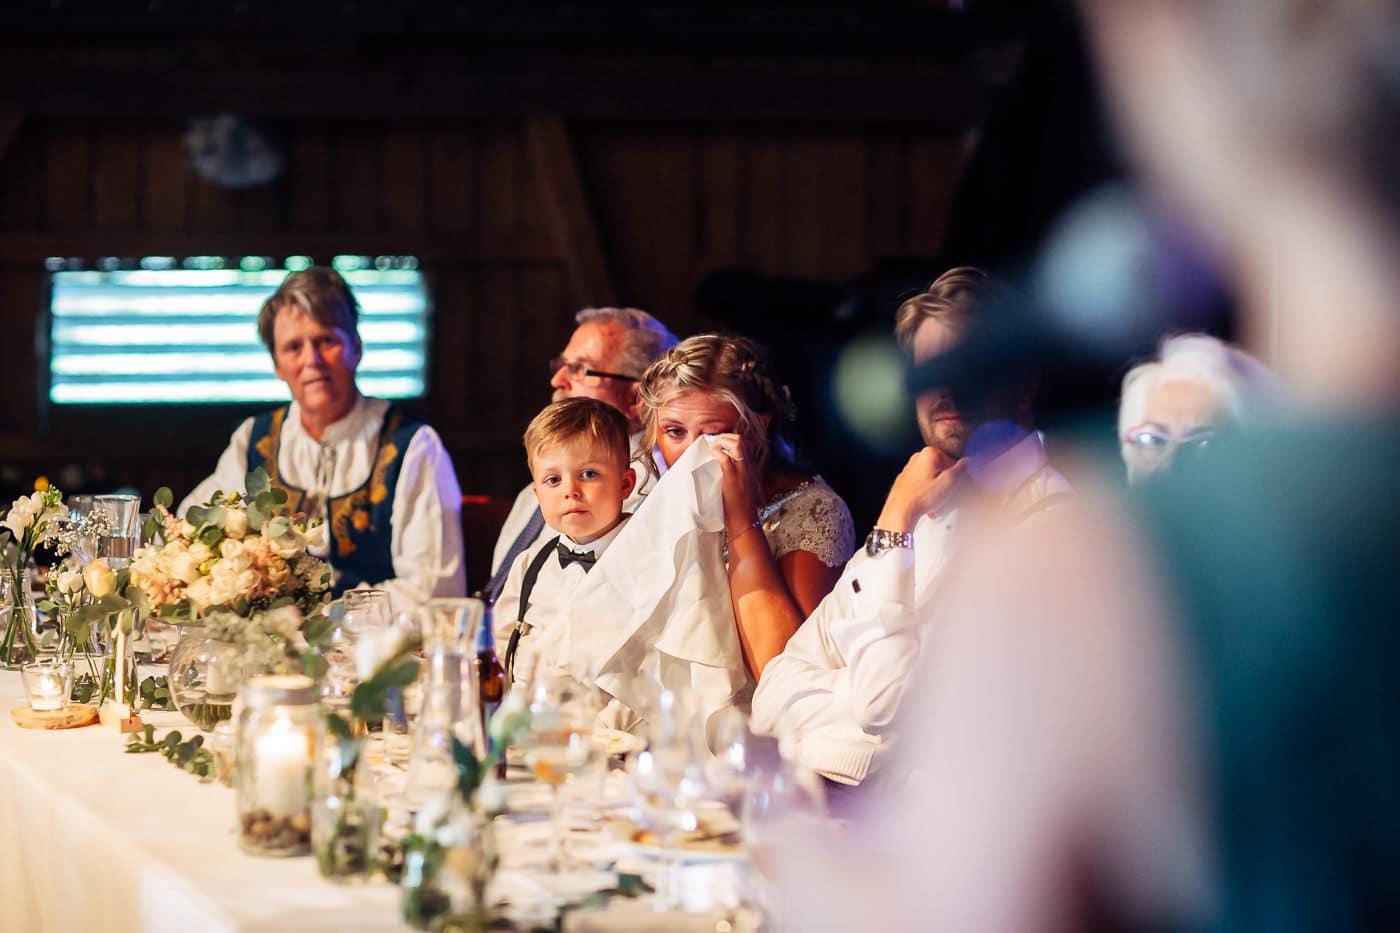 Linn & Frank - rørende og vakkert låvebryllup i Minnesund Bryllupsbilder Minnesund Eidsvoll 75 Brudepar